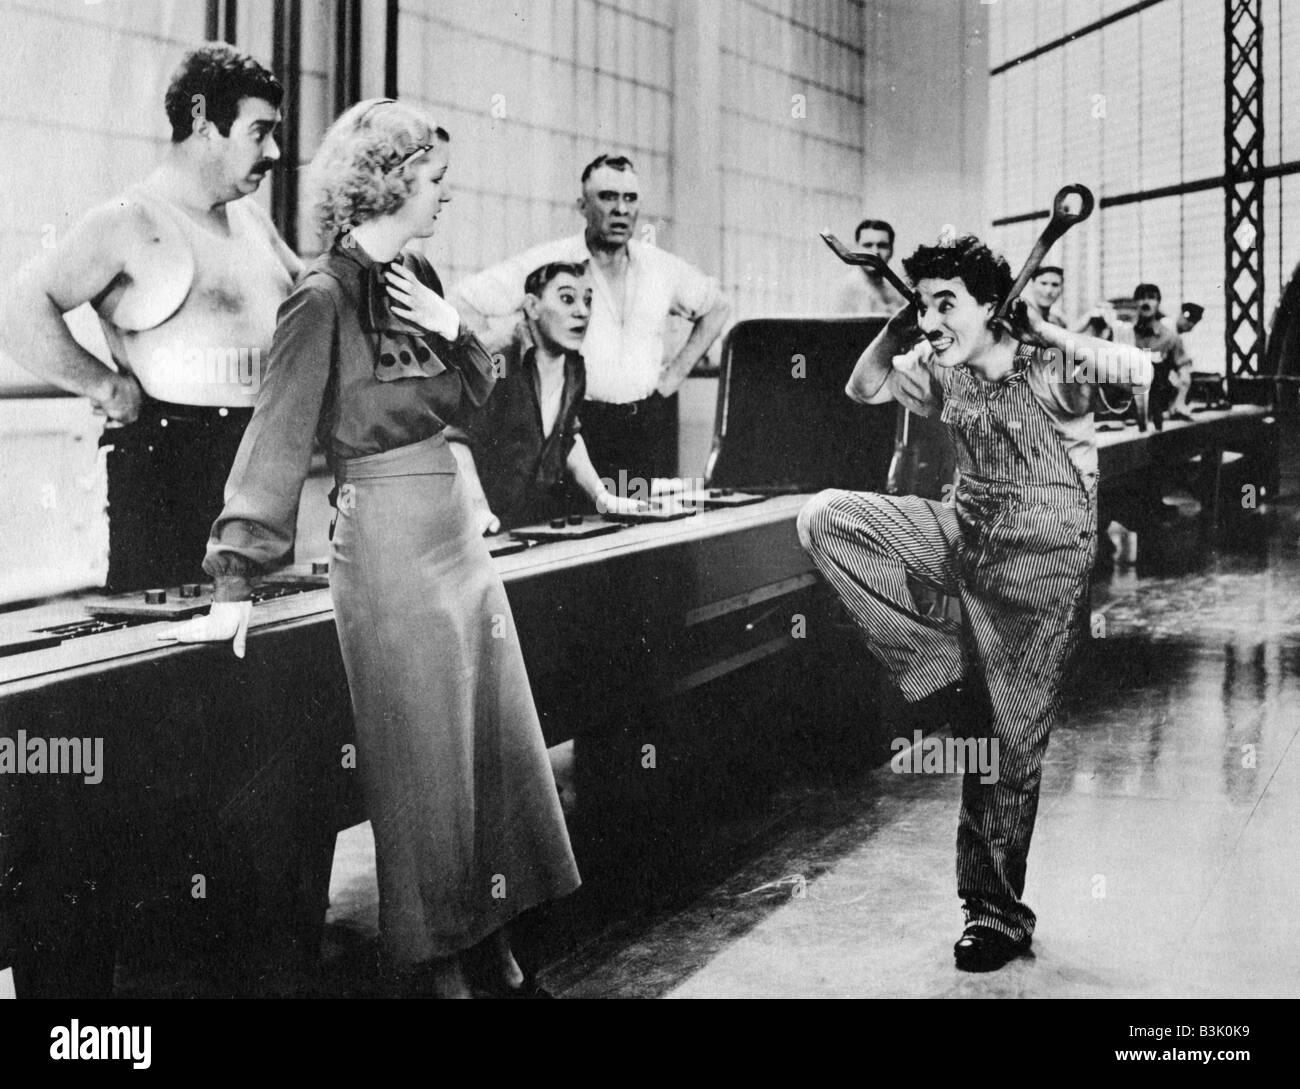 df1c5a30262e69 Les temps modernes 1936 film muet de Charlie Chaplin Banque D Images ...